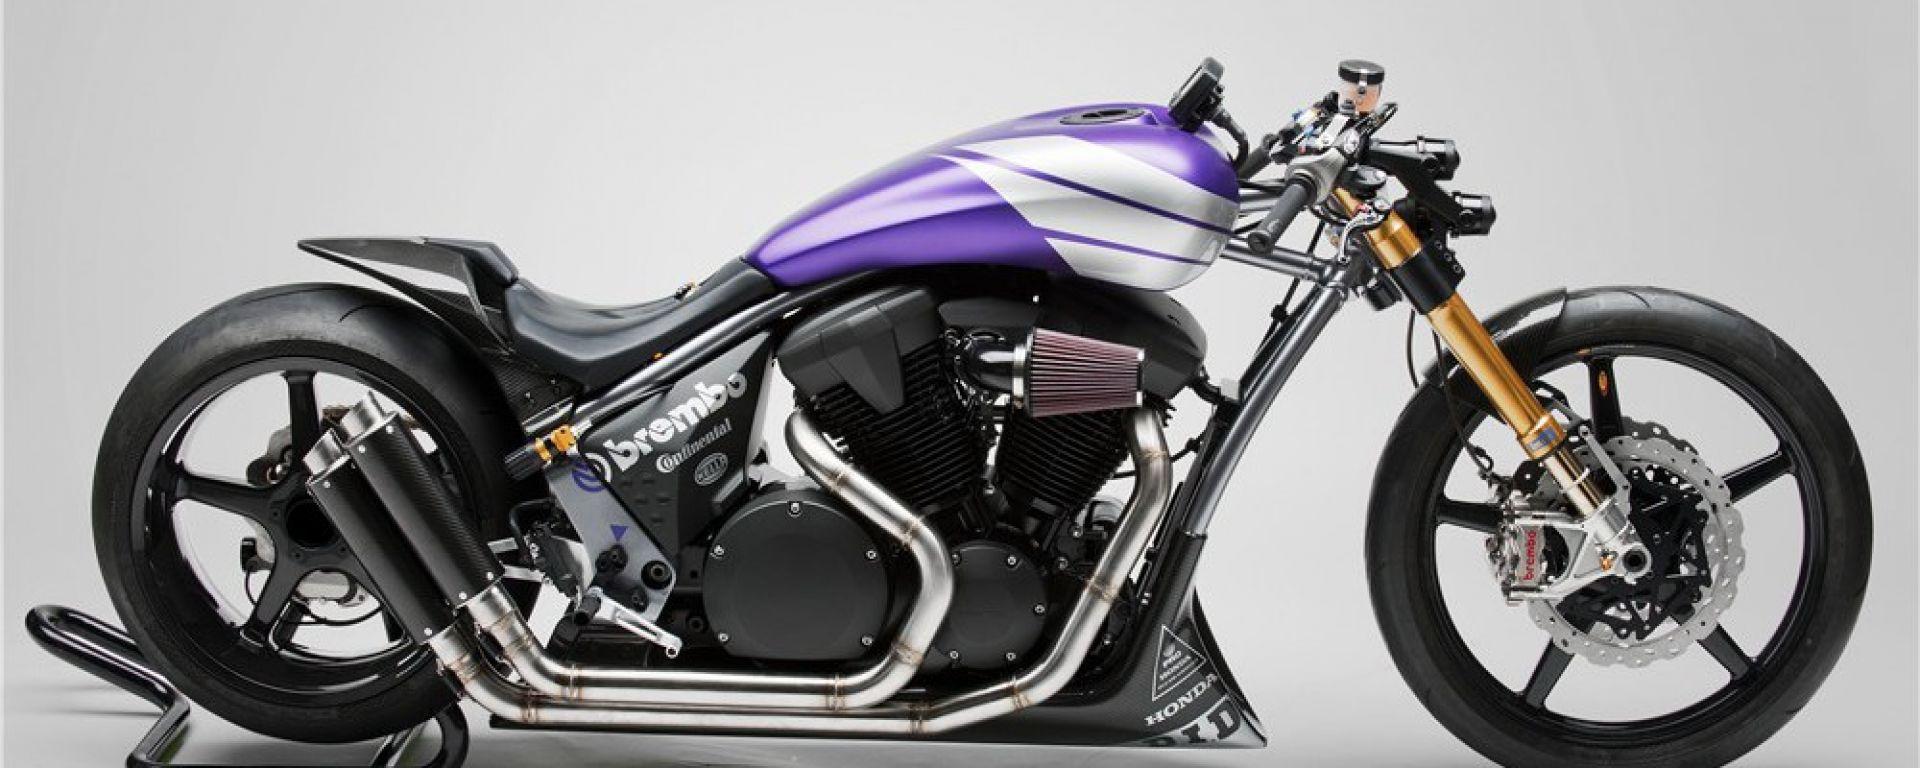 Honda VT1300 Concept